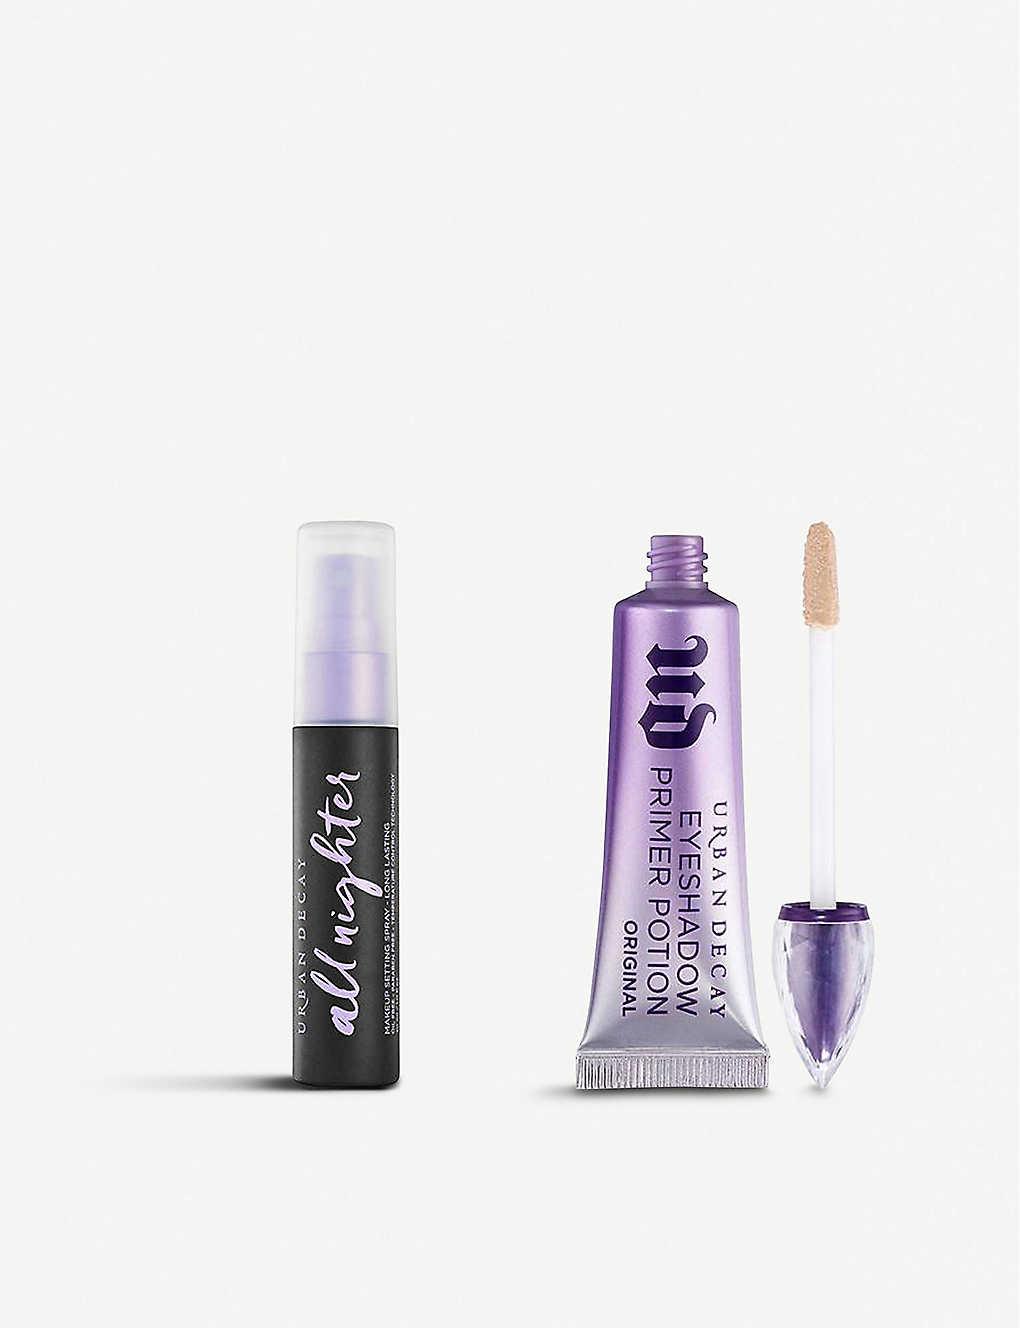 URBAN DECAY: Makeup Lockdown Travel Duo 10ml/30ml